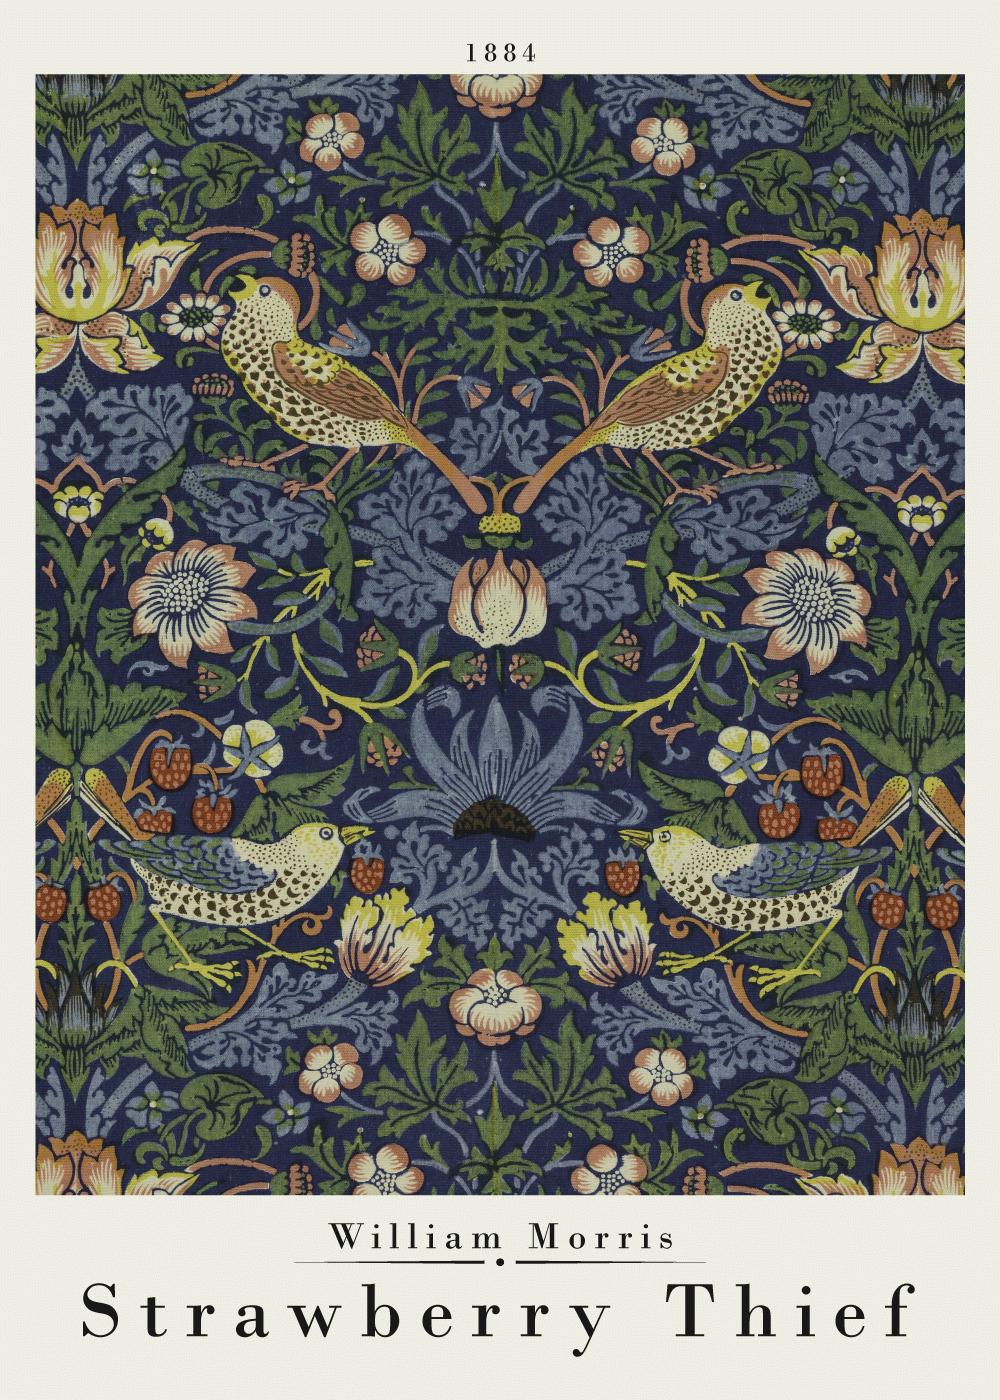 Billede af Strawberry Thief - William Morris kunstplakat